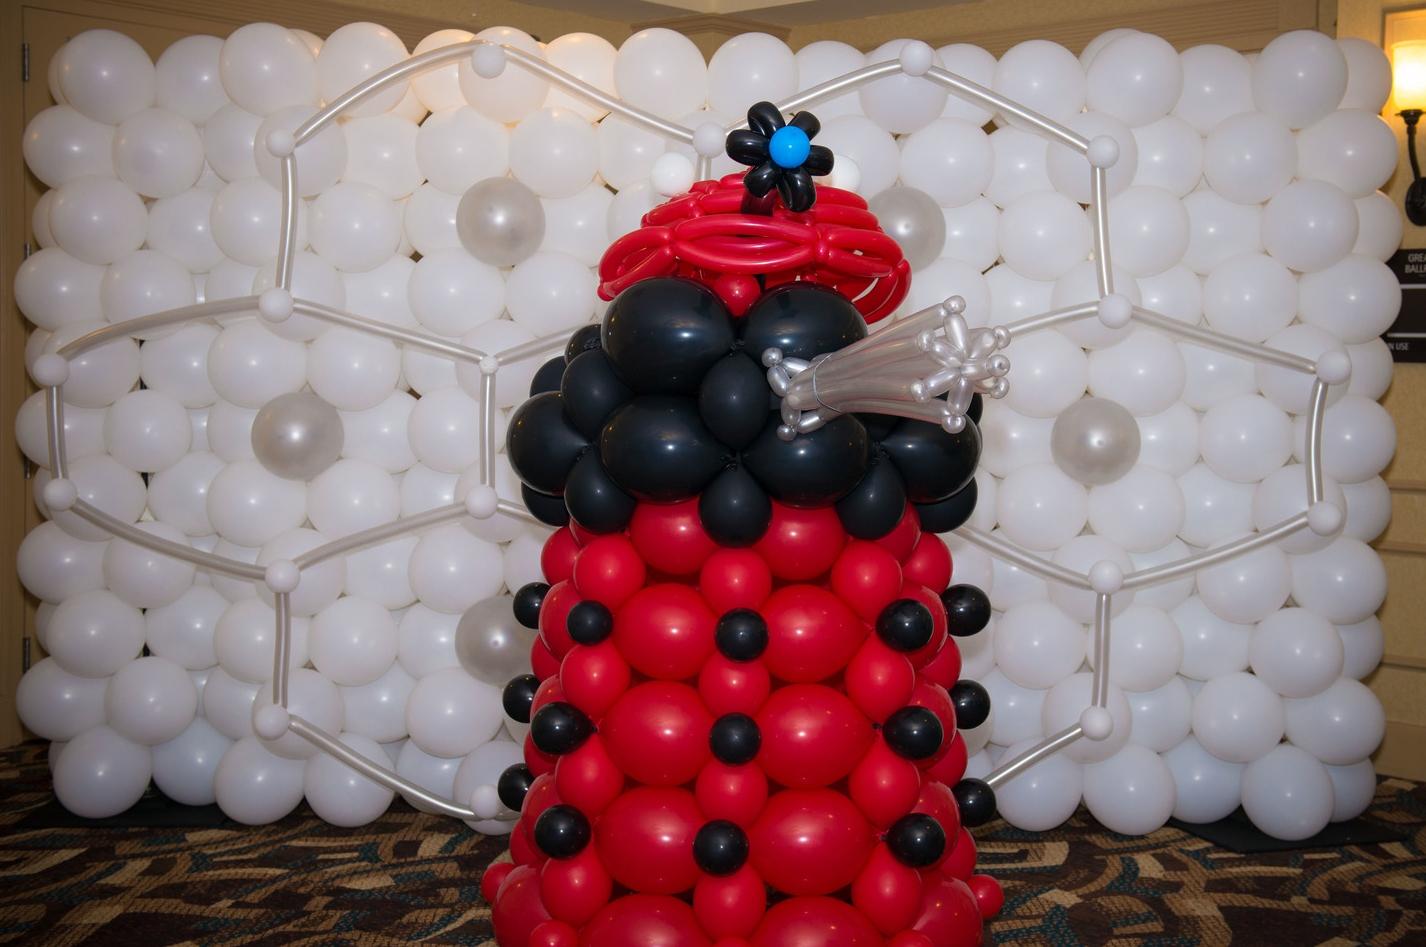 Doctor Who Bar Mitzvah balloon Dalek